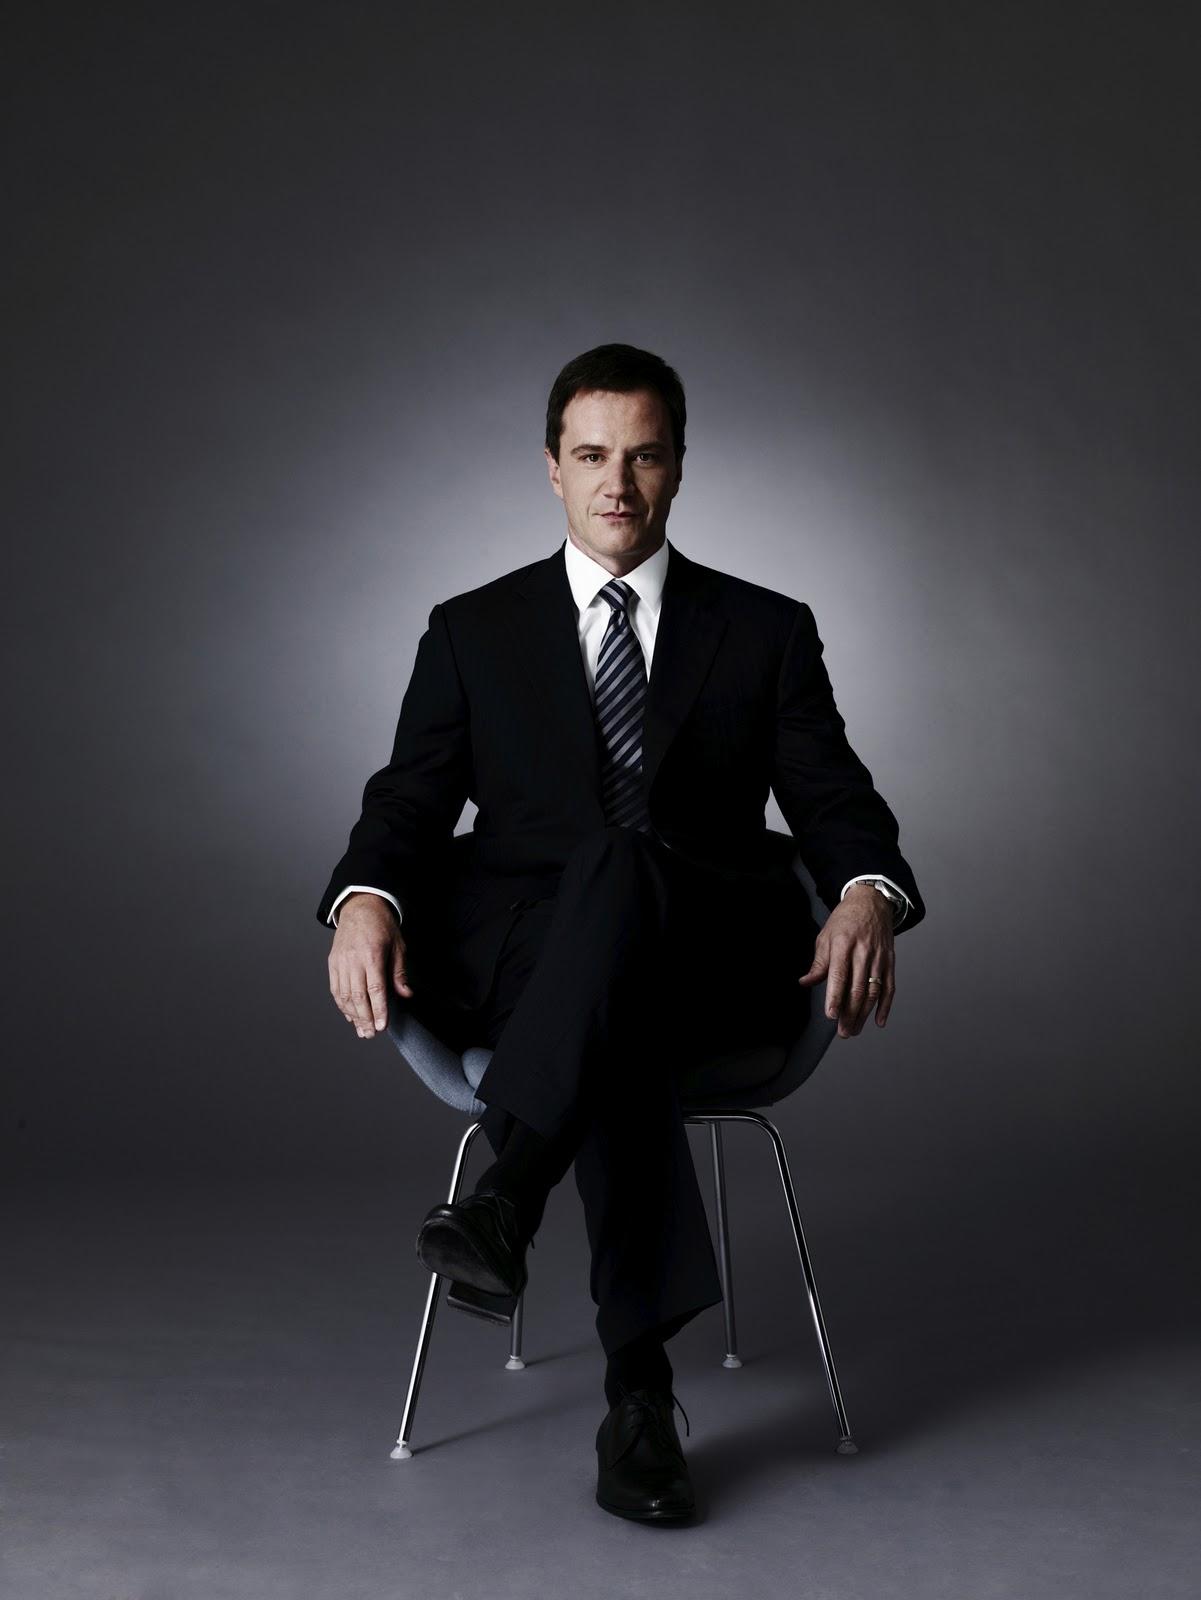 Tim DeKay Wallpapers este o nico homem capaz de prender Neal Caffrey